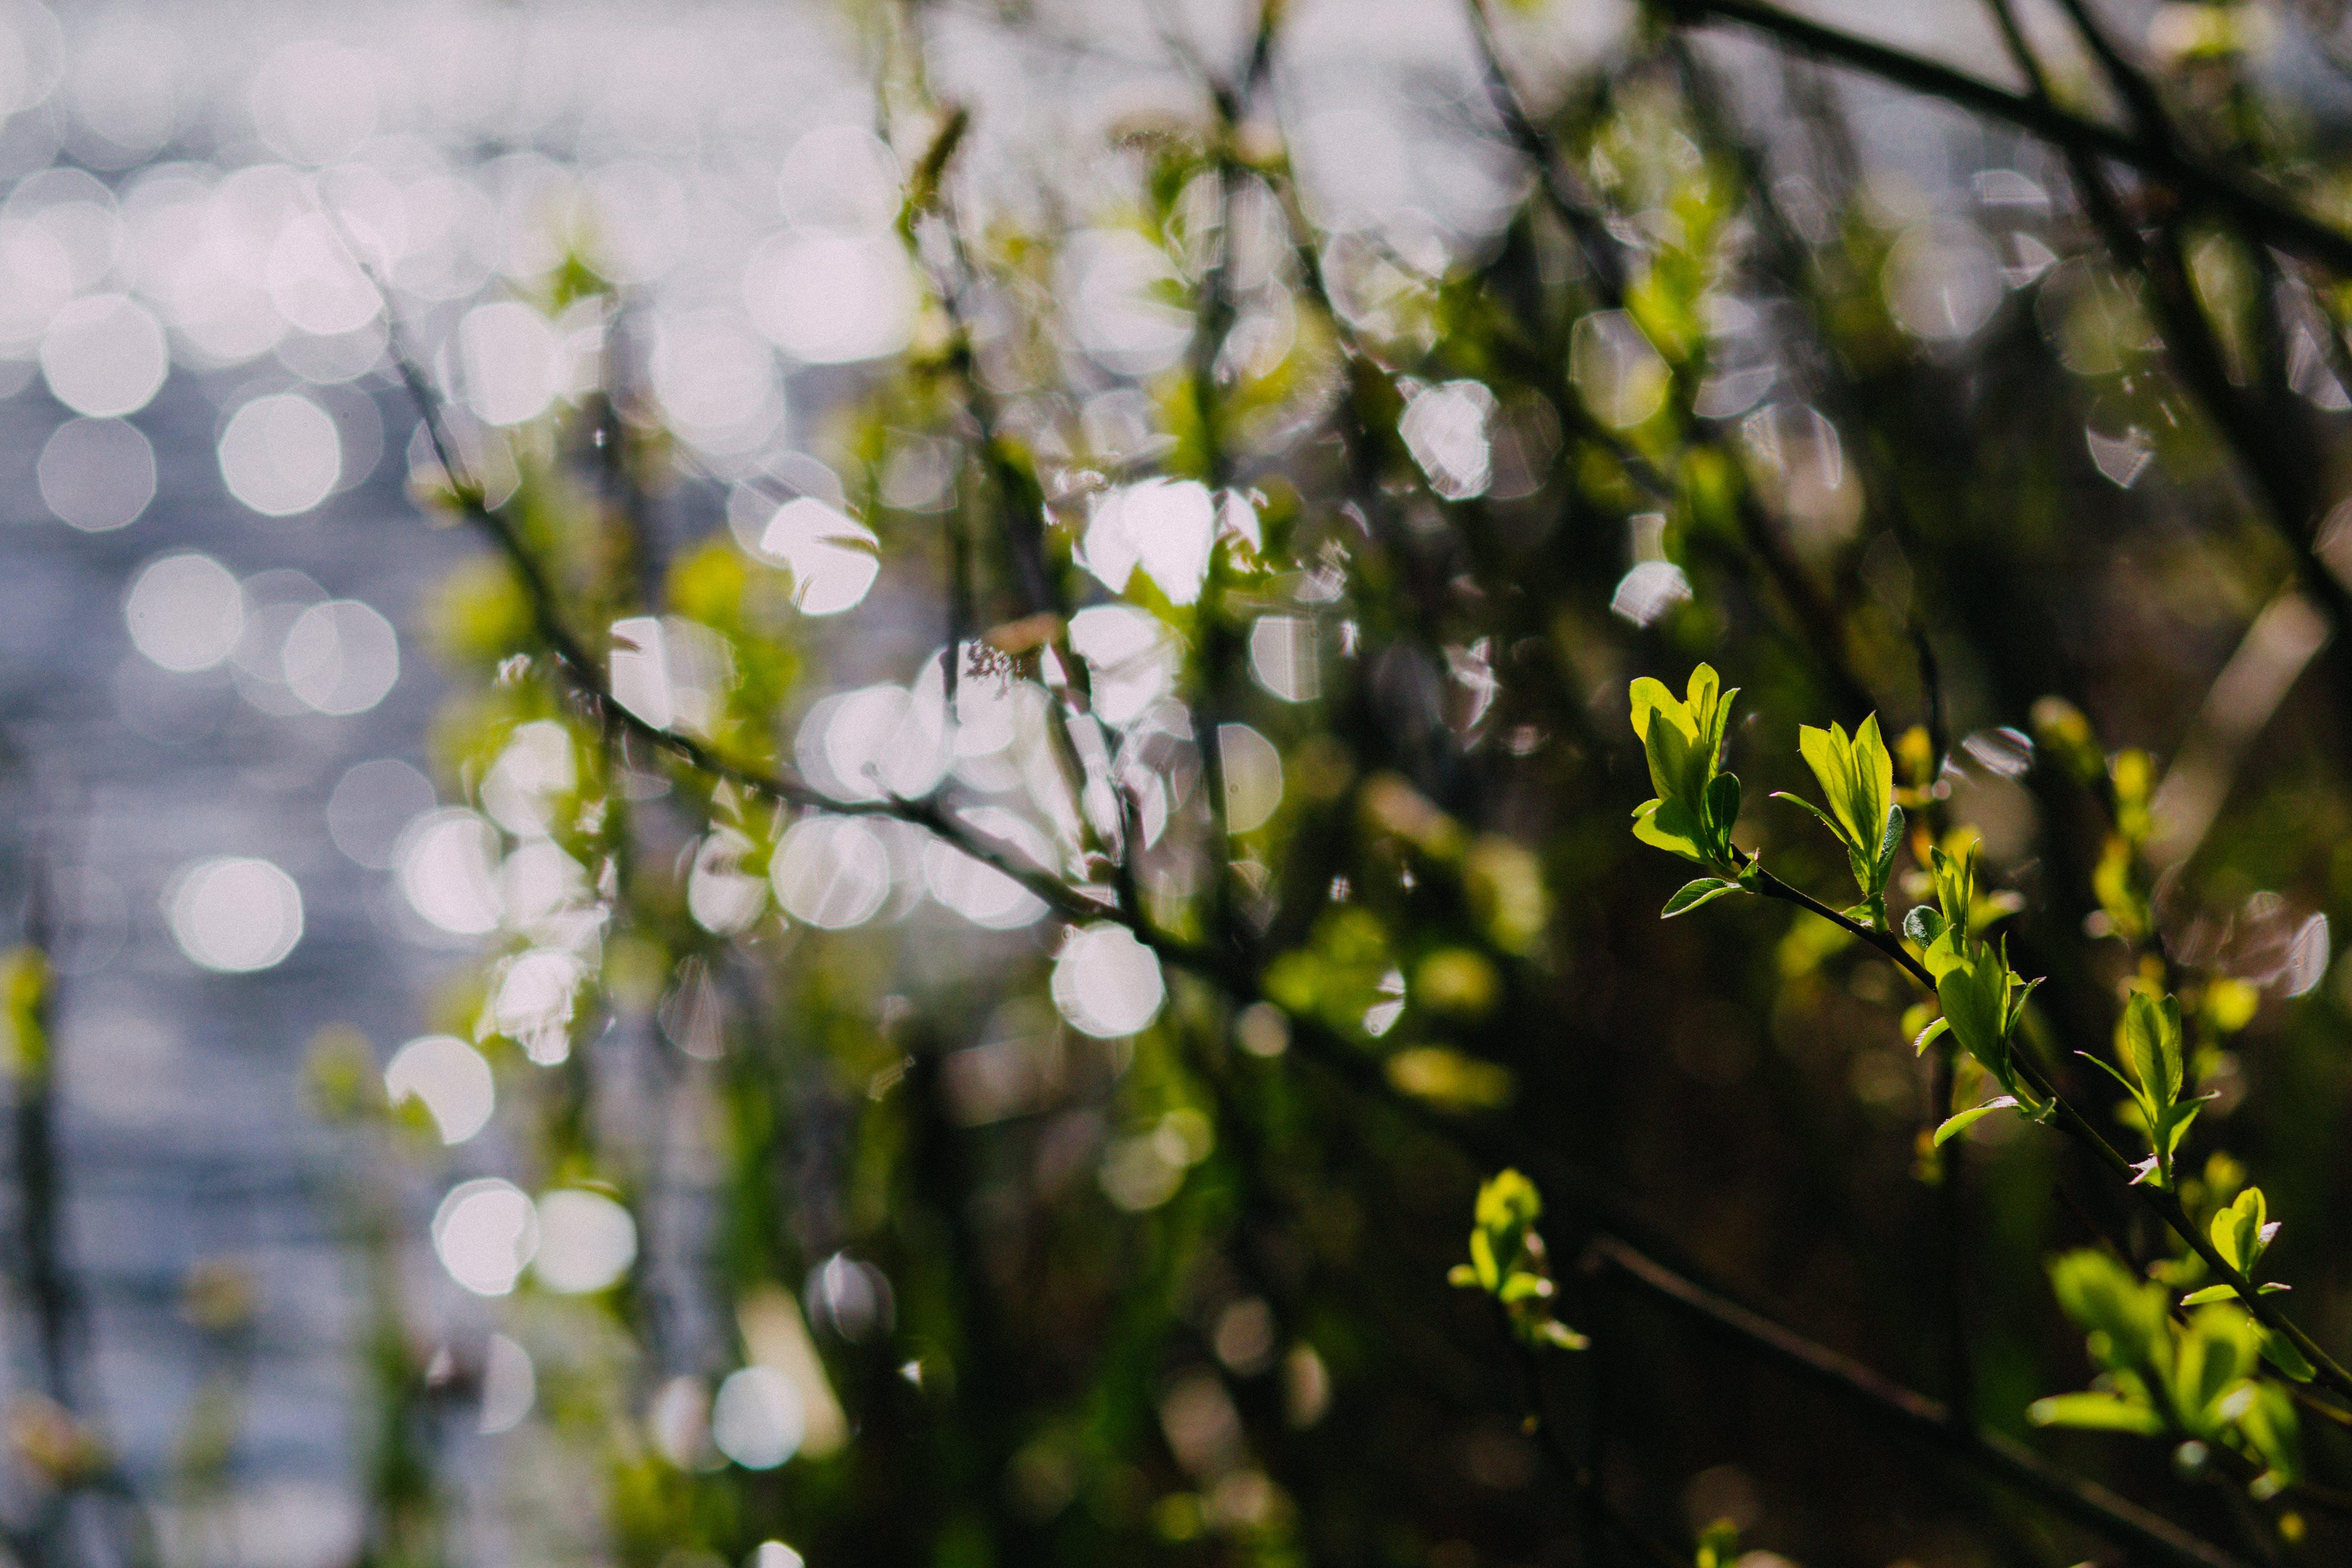 Fotos de stock gratuitas de agua, crecimiento, efecto desenfocado, jardín